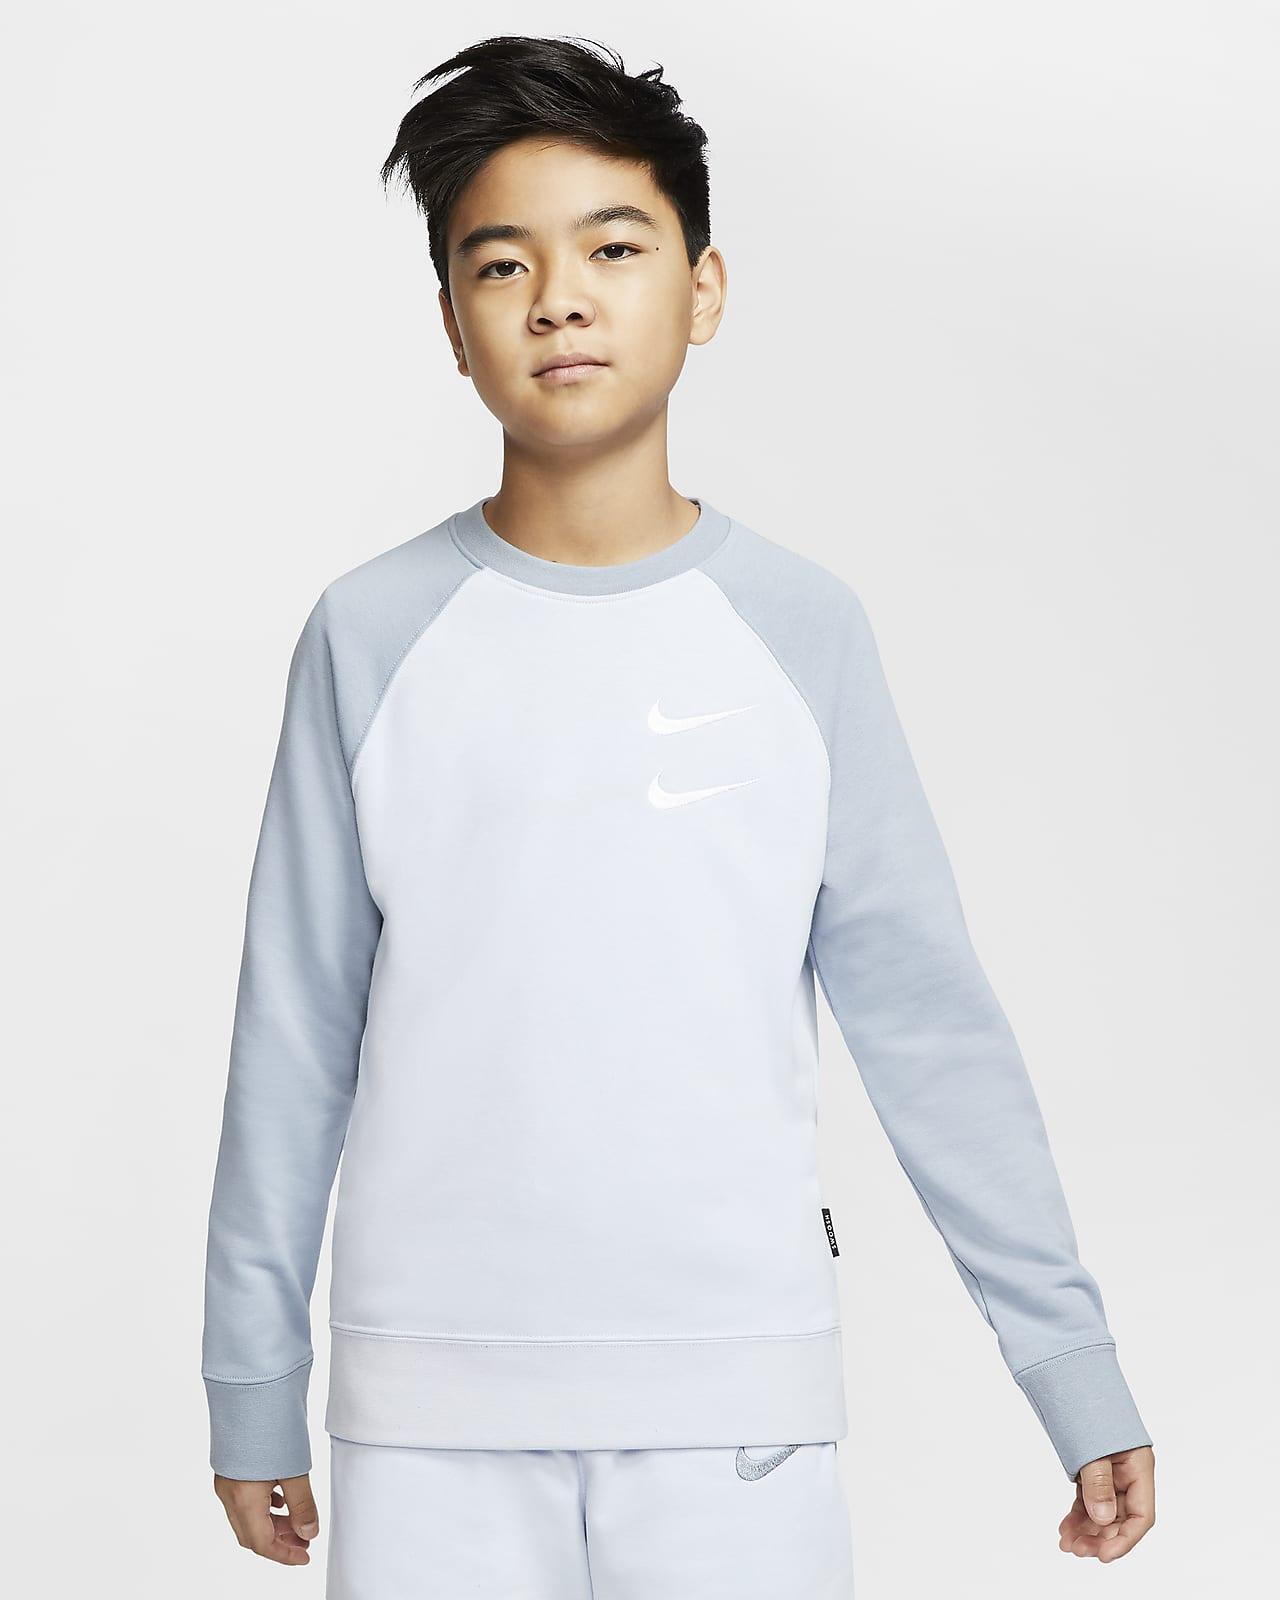 Nike Sportswear Swoosh Older Kids' (Boys') French Terry Crew